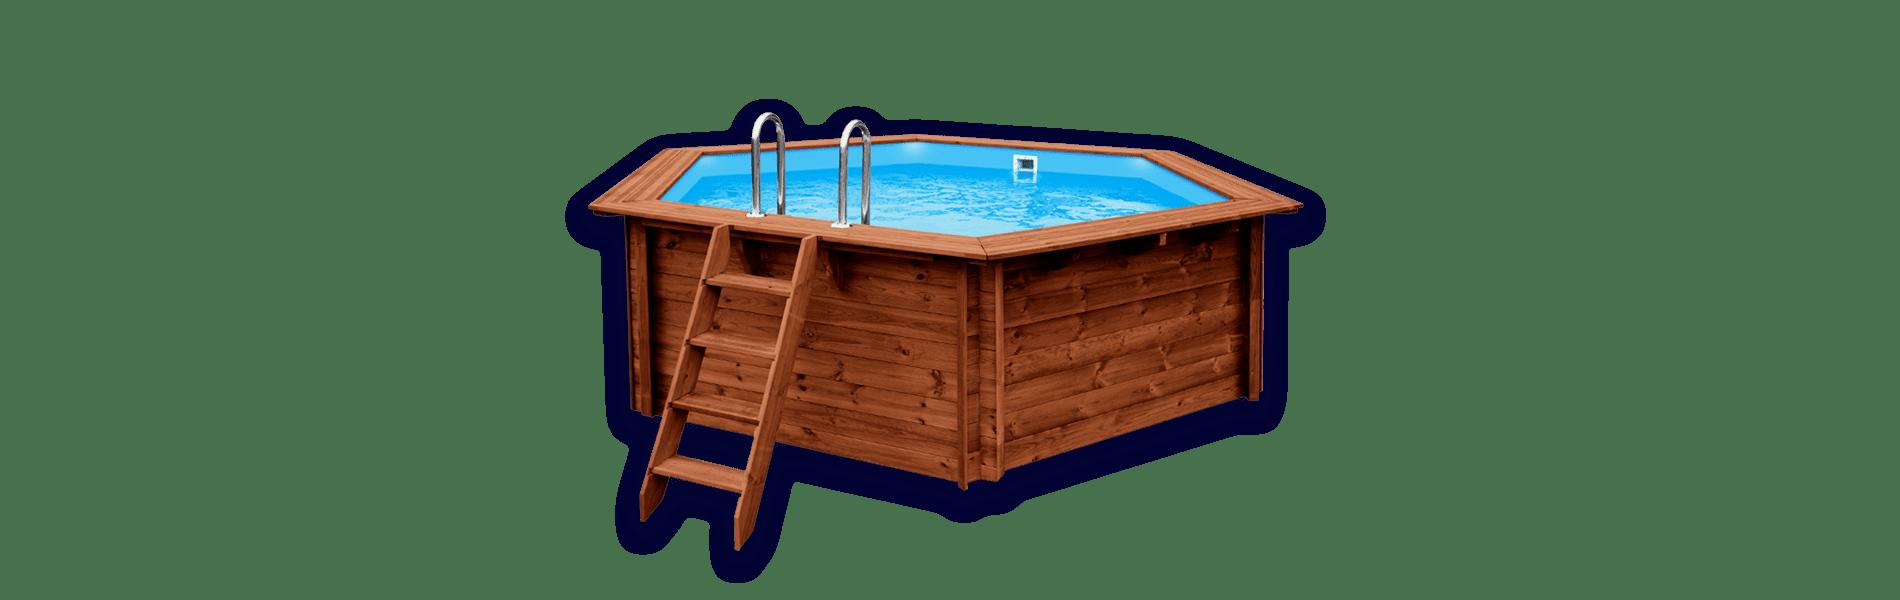 Pool Large